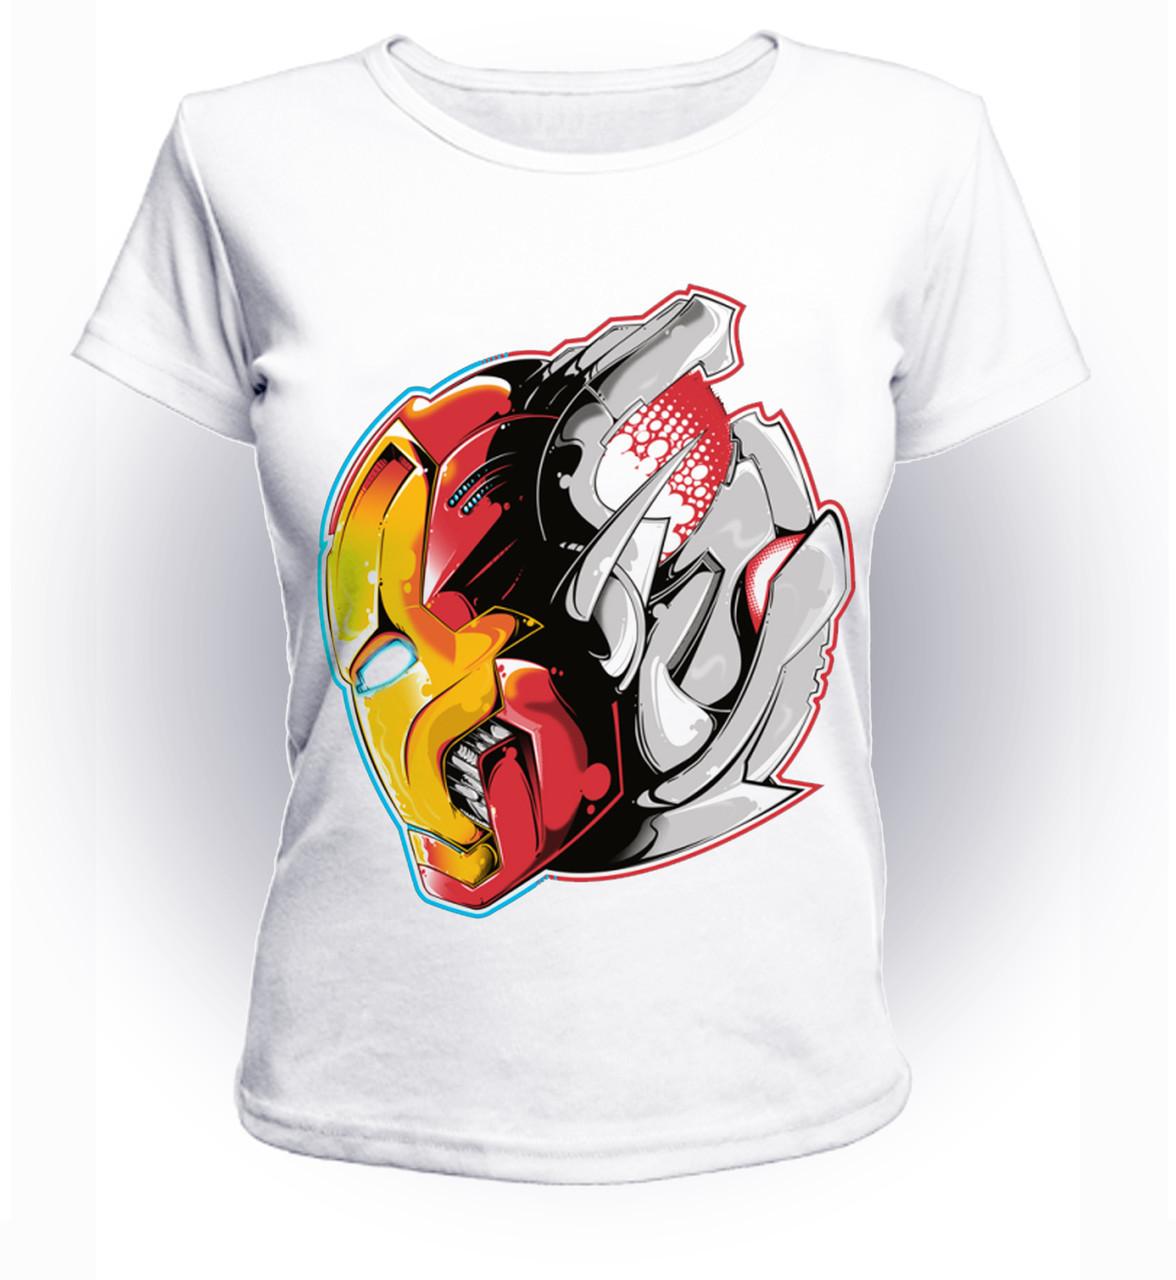 Футболка женская размер L GeekLand Железный Человек Iron Man и Альтрон art IM.01.061